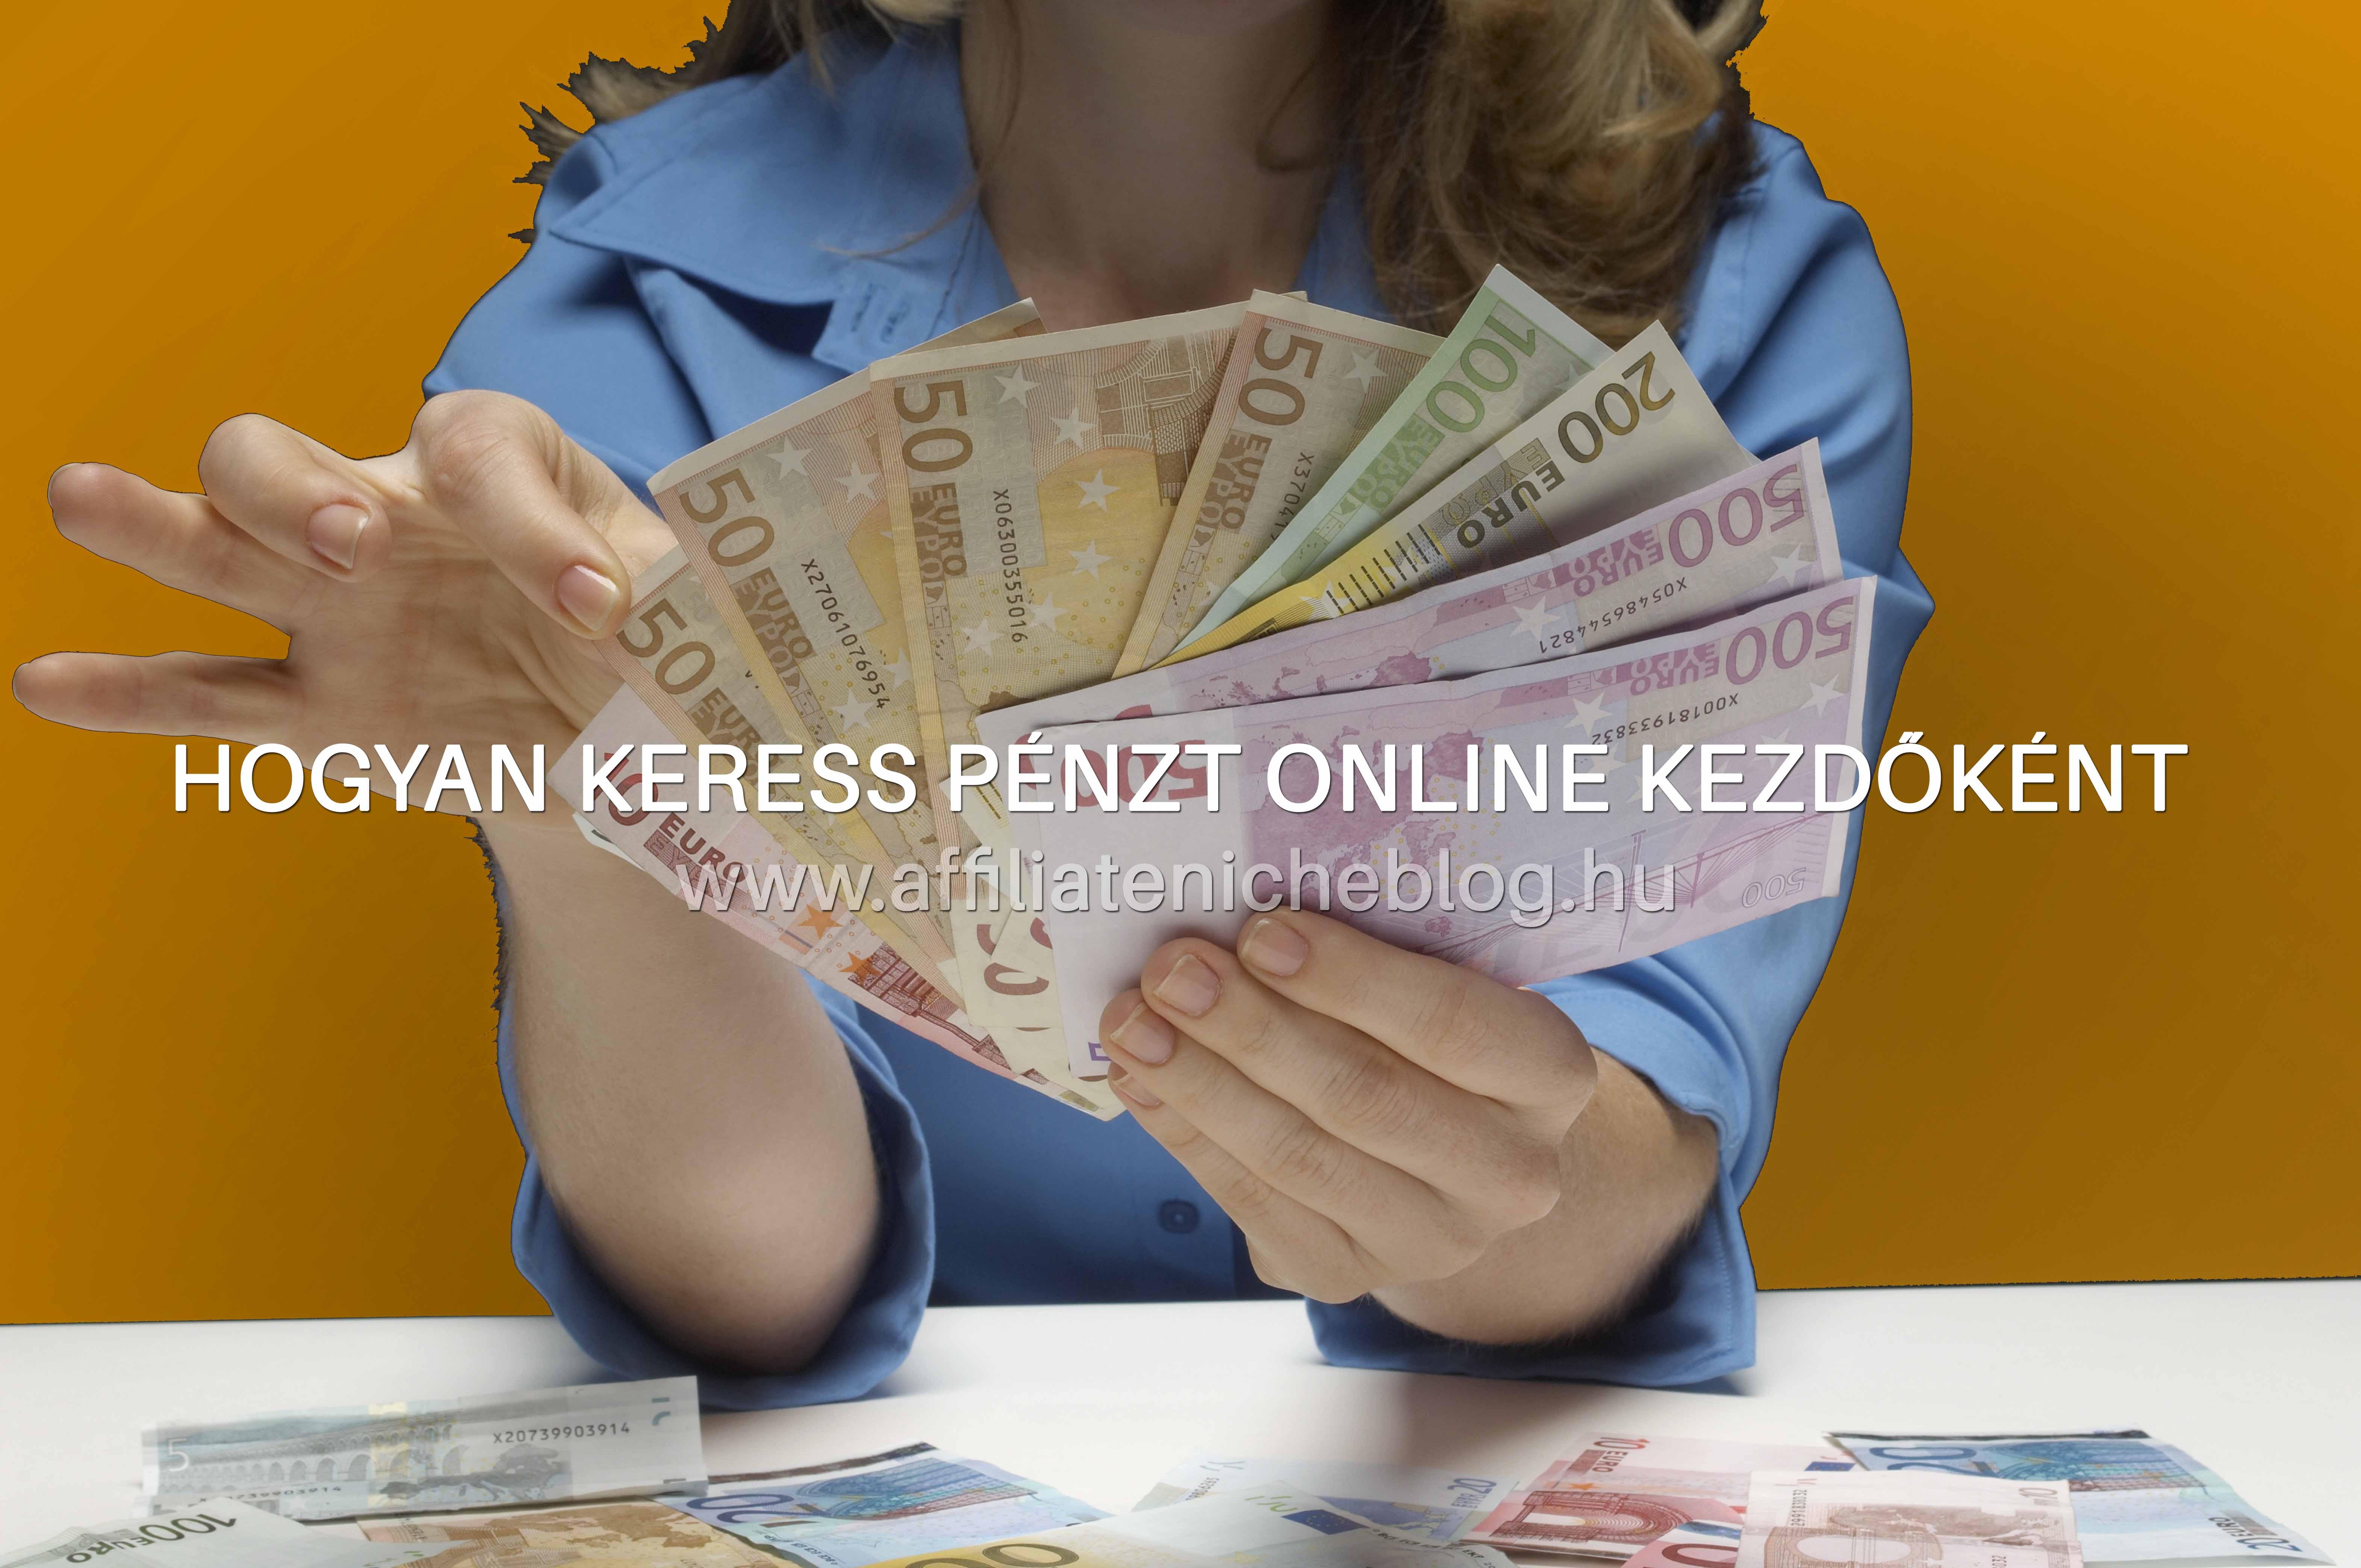 sok nagy pénzt keresni)